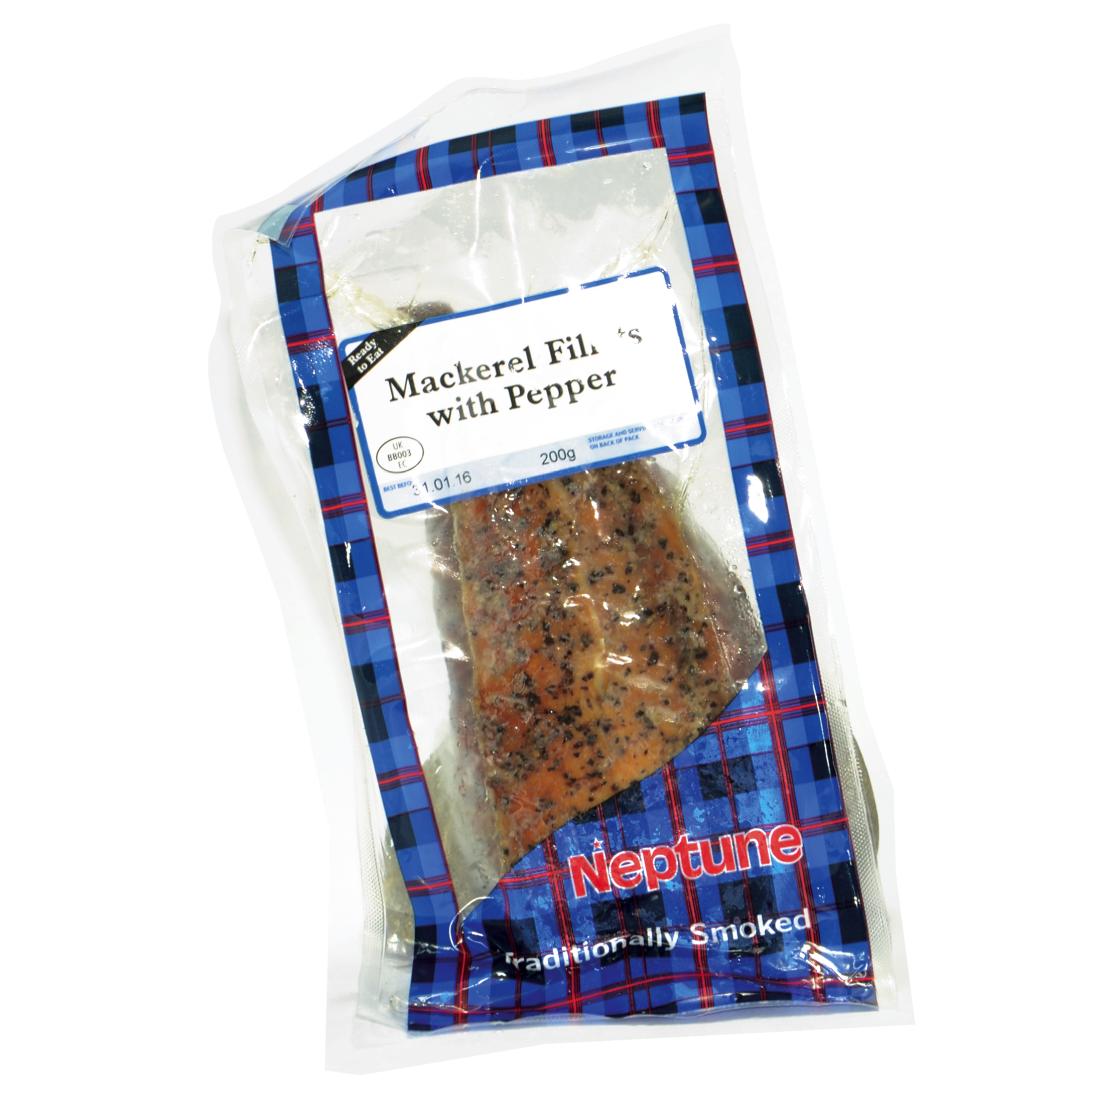 Mackerel Fillet Smoked & Peppered | 200g